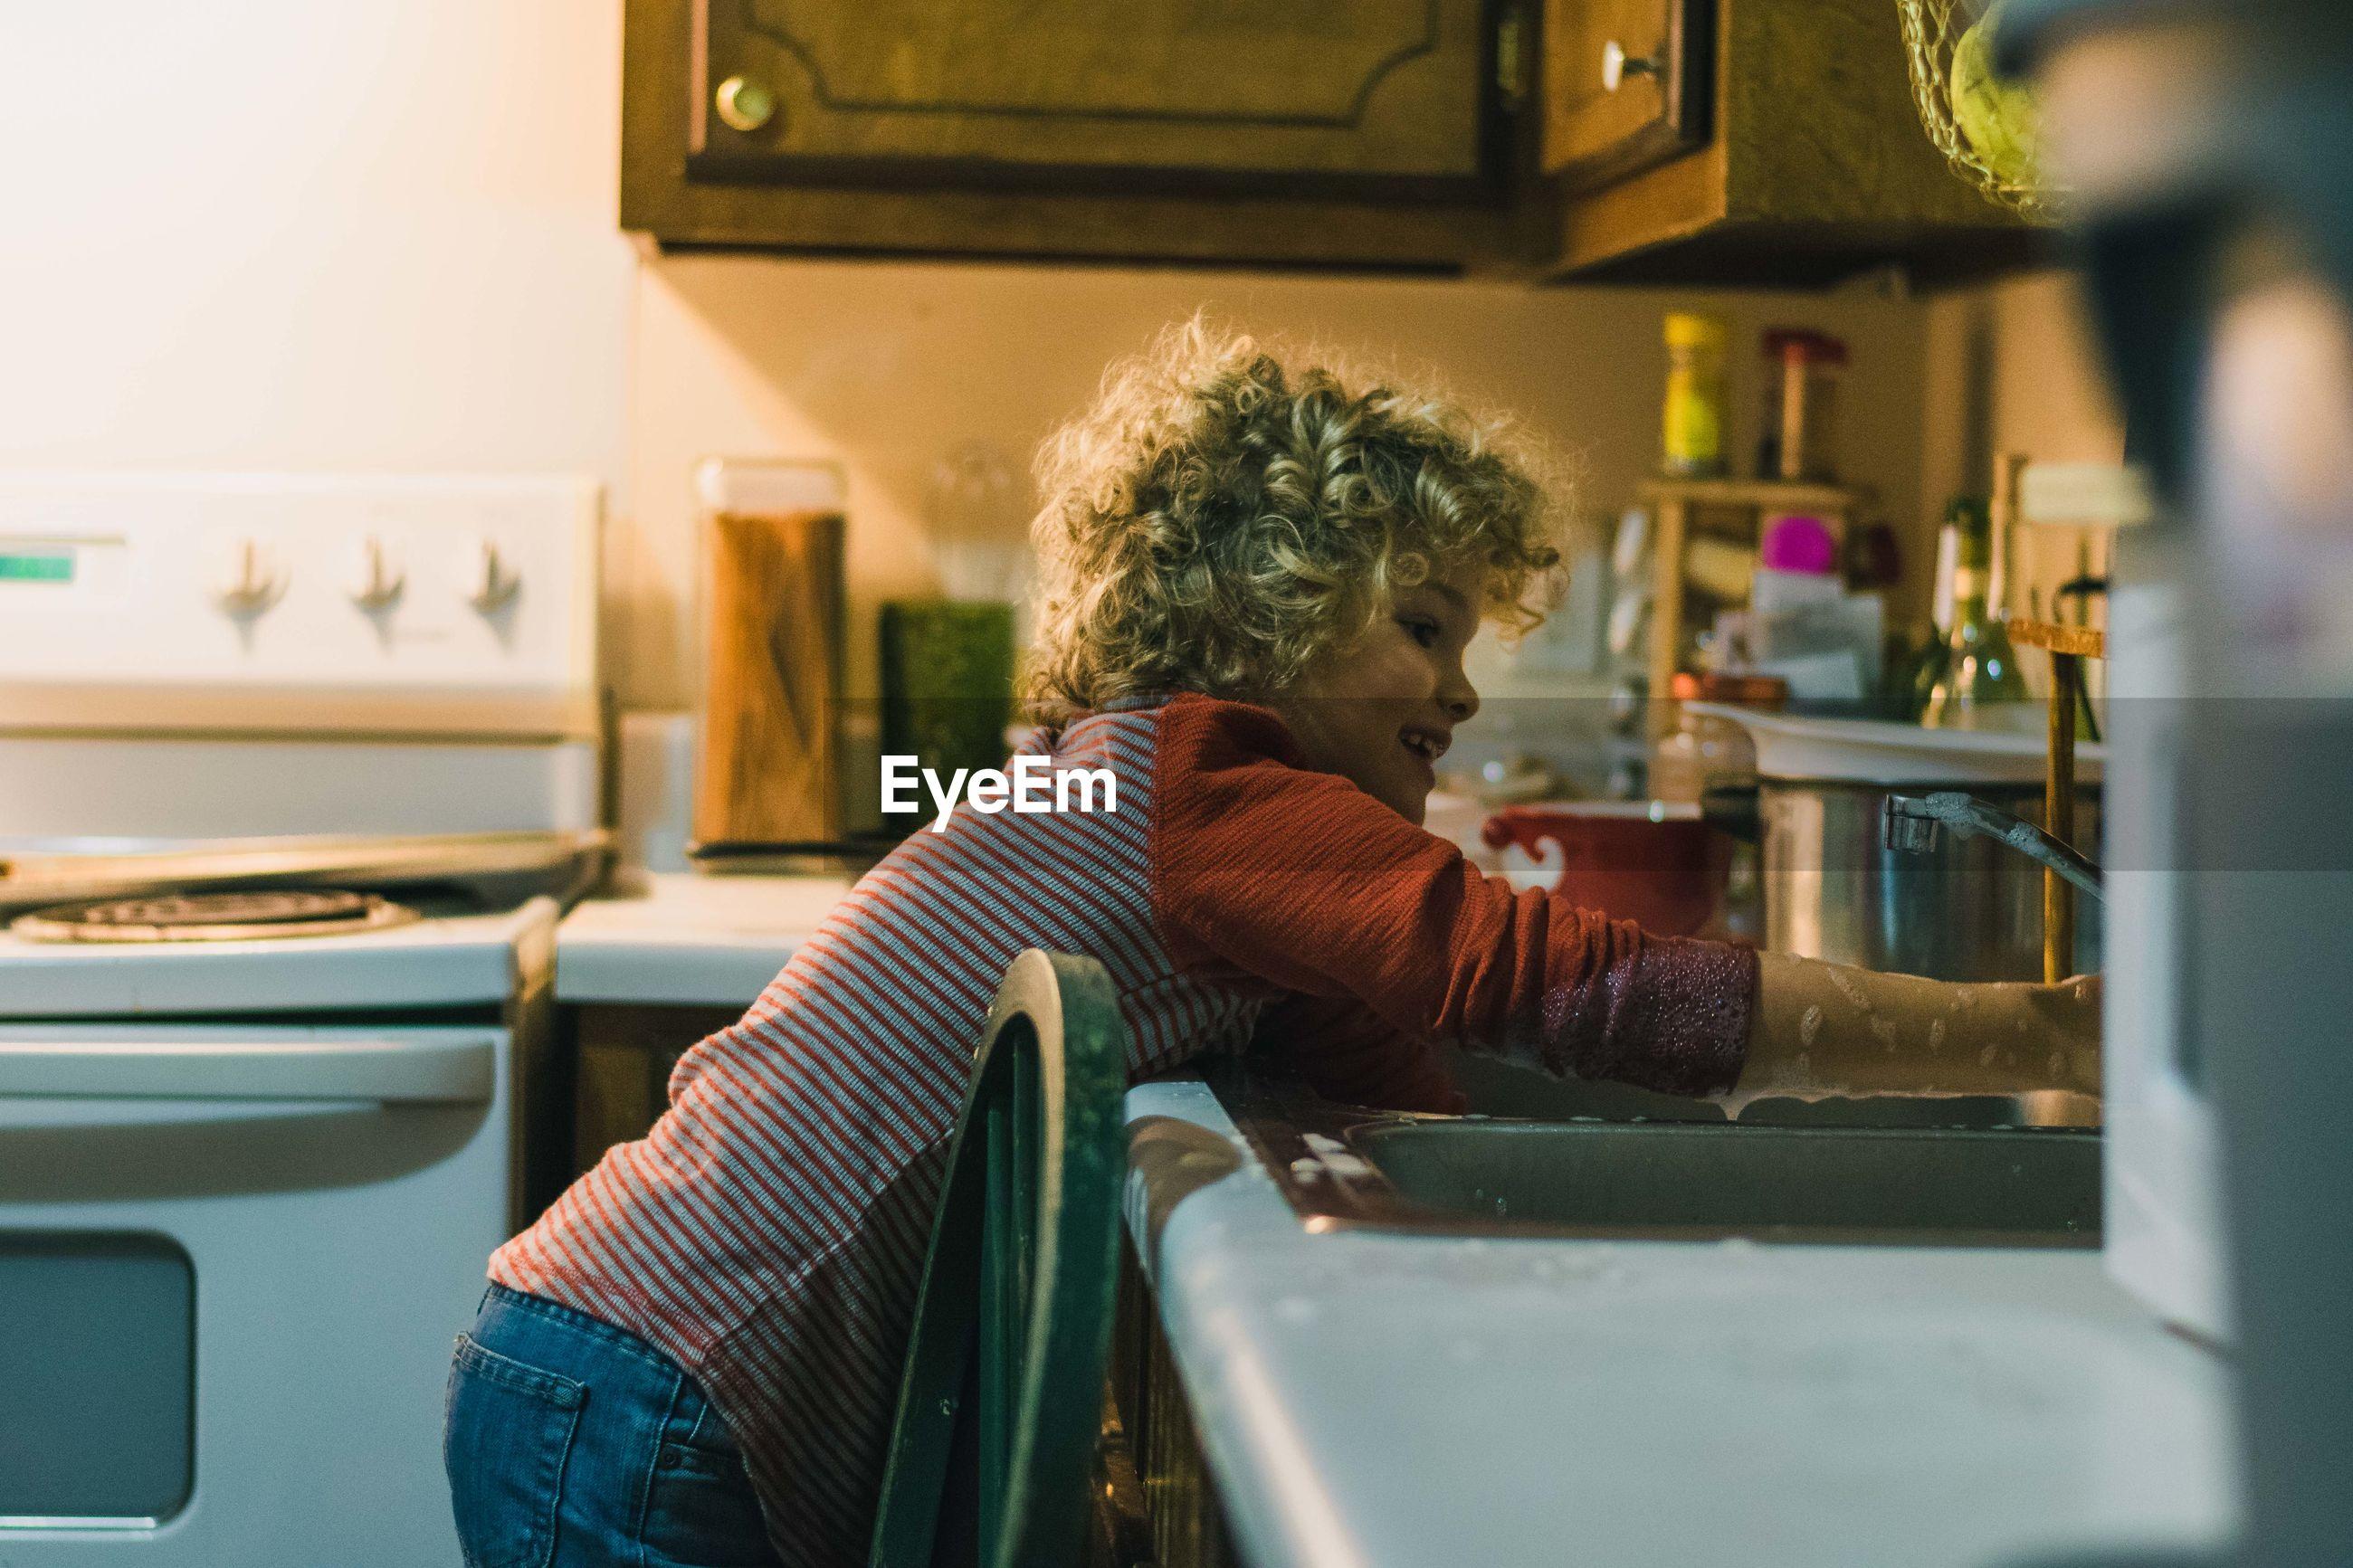 Close-up of boy washing hands in kitchen sink